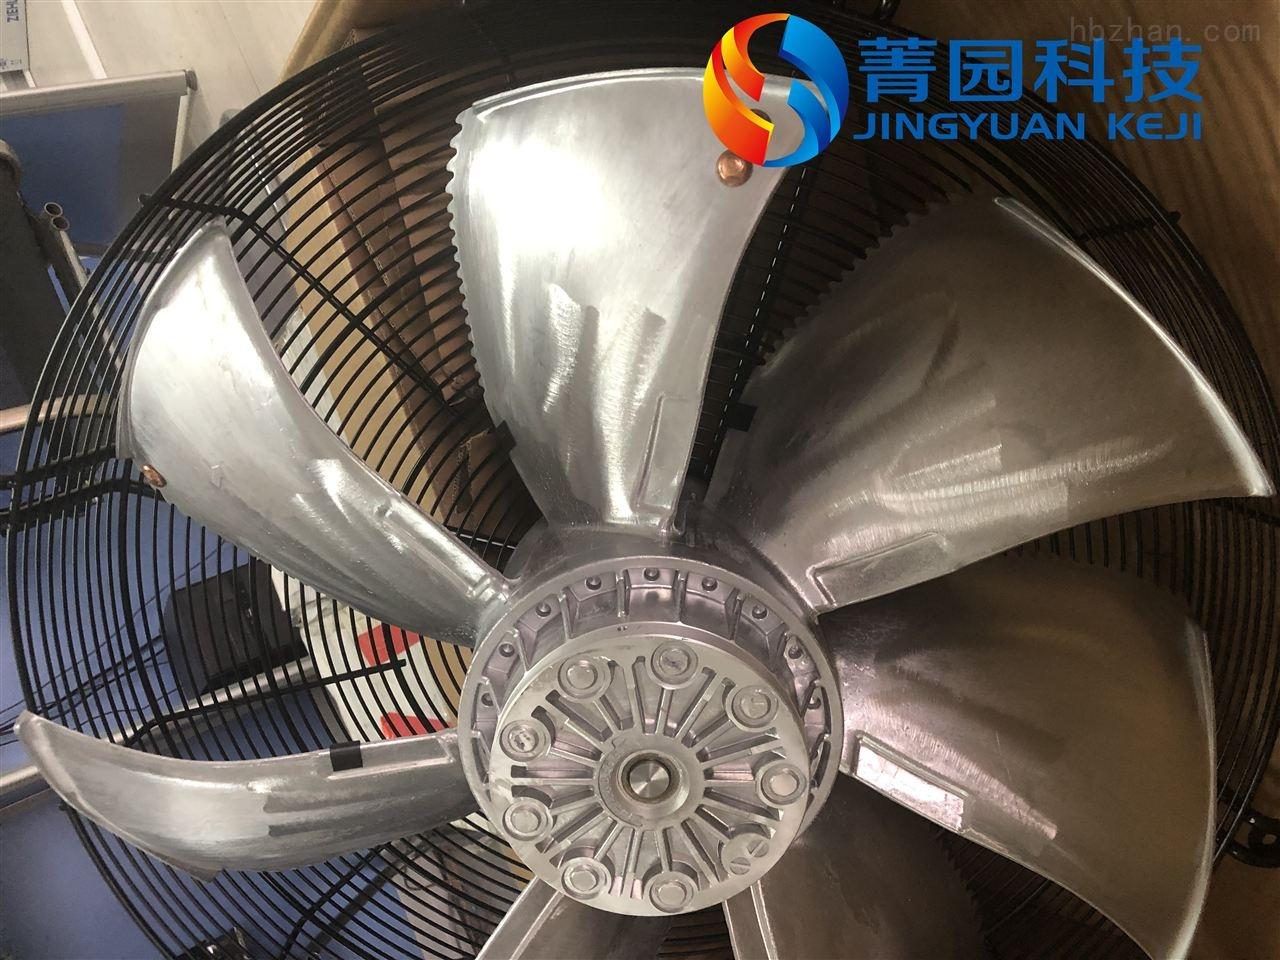 鄂尔多斯洛森AKSE560-6K风机提供